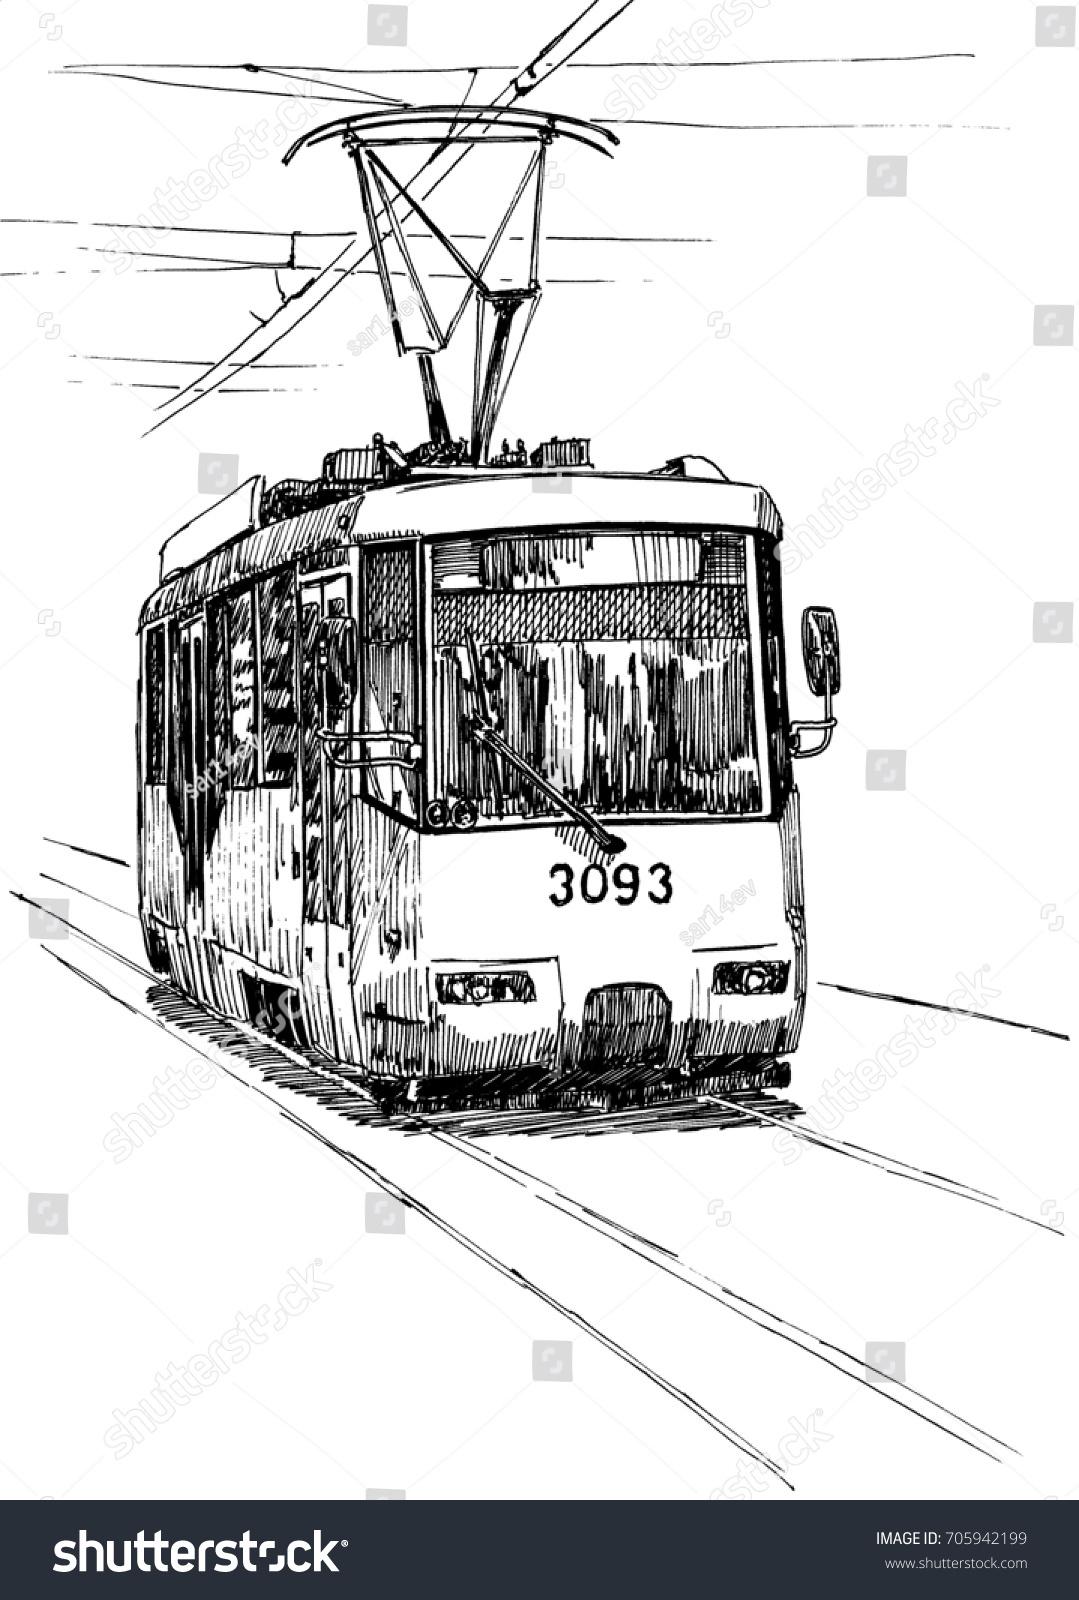 City Tram Black White Drawing Pen Stock Illustration 705942199 ...